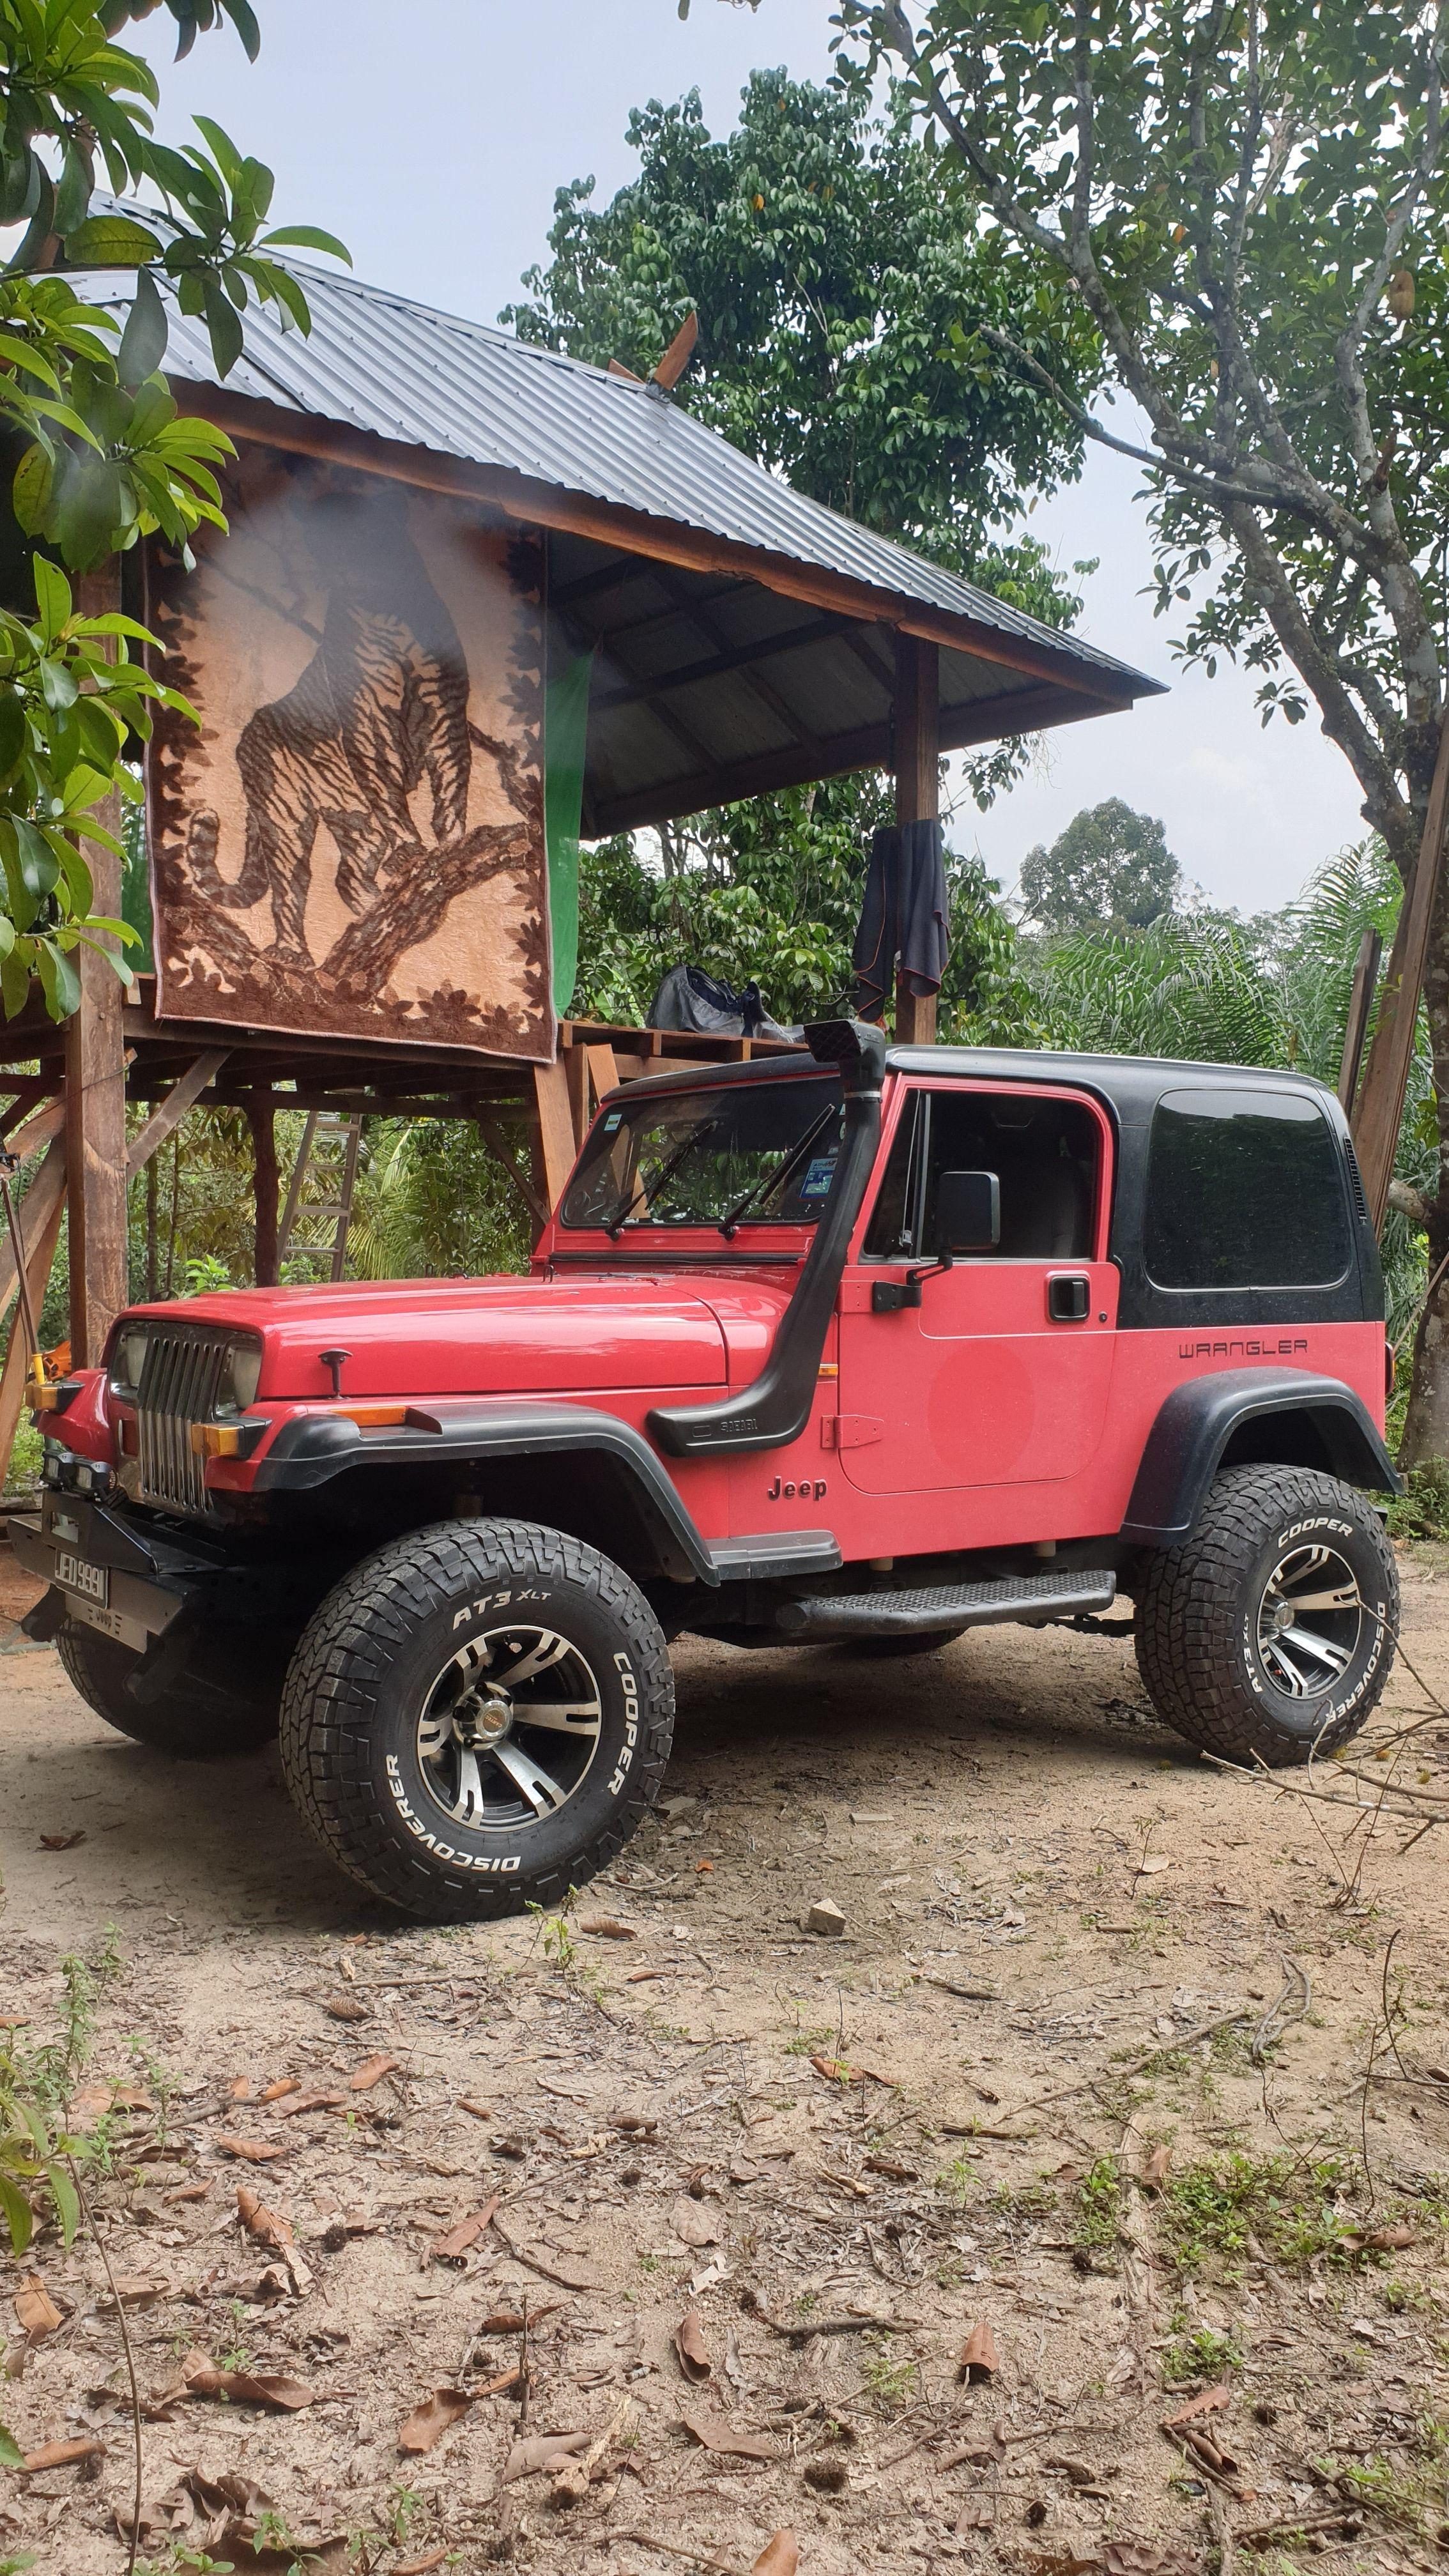 Jeep YJ 2.5l Jeep yj, Jeep, Monster trucks